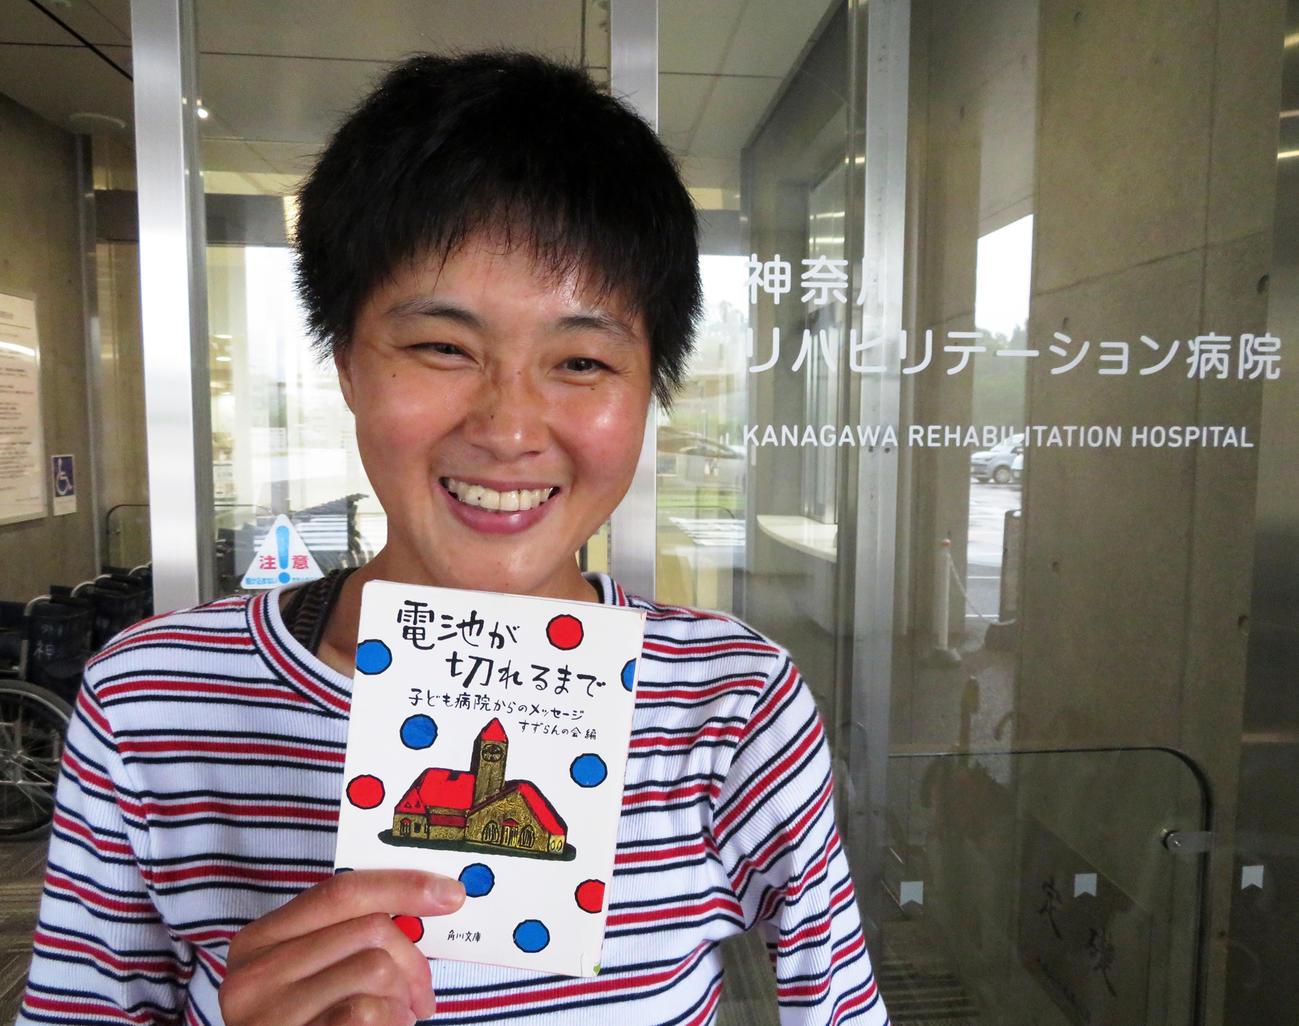 鹿沼由理恵は勤務先の神奈川リハビリテーション病院で愛読書「電池が切れるまで」を手に笑顔を見せる